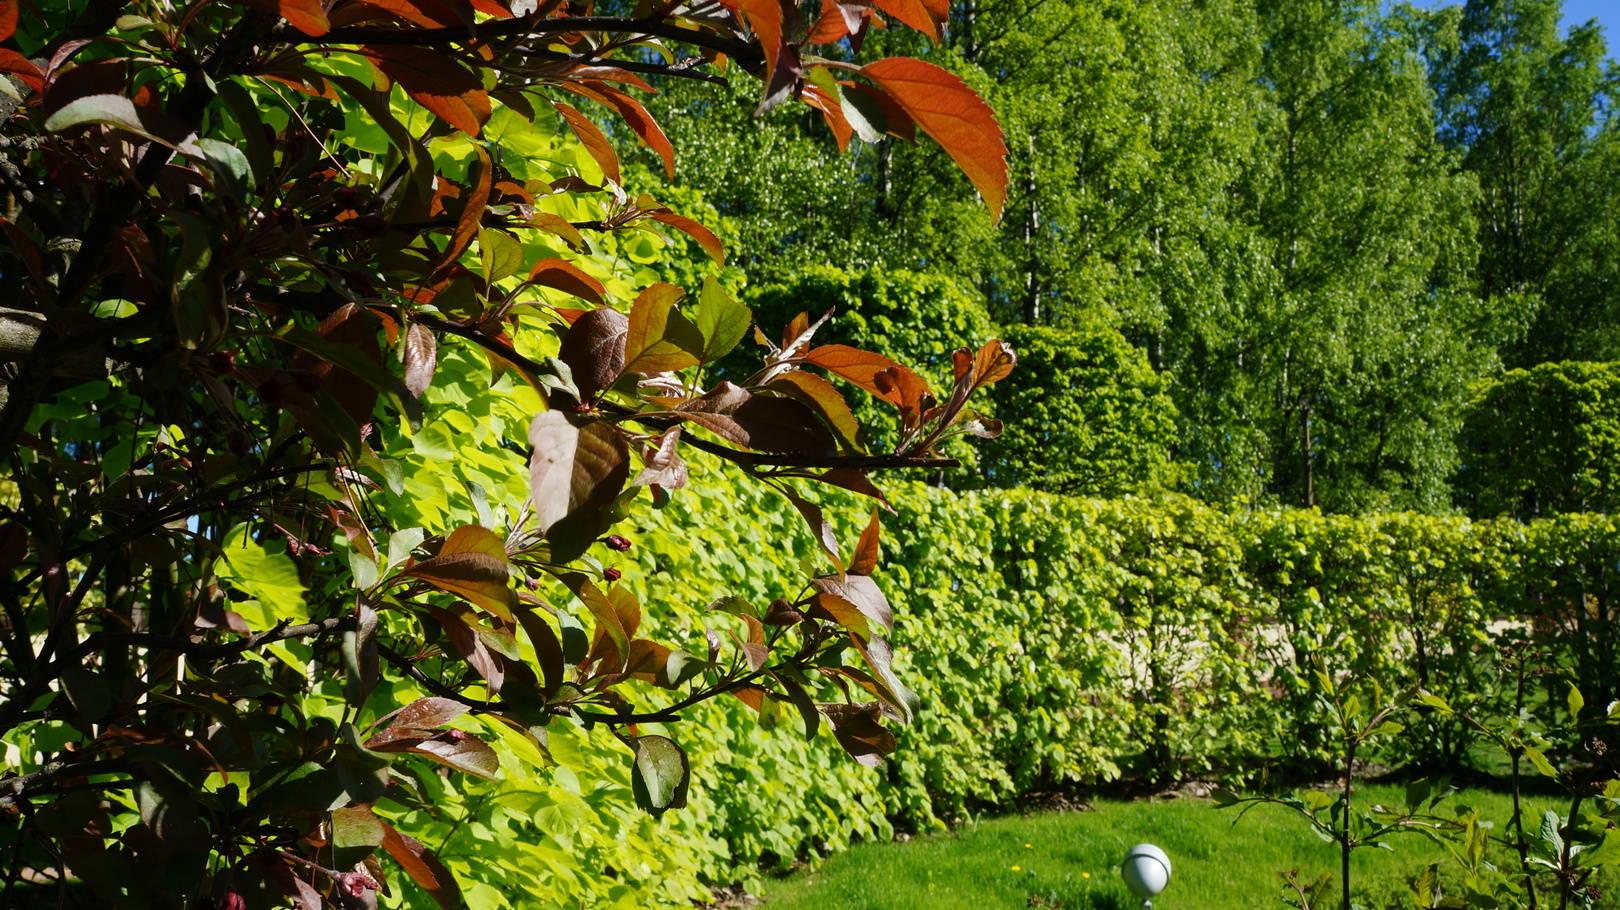 Бронзовый цвет листьев декоративной яблони превосходно смотрится , на фоне липы , даже после того , как она отцвела.